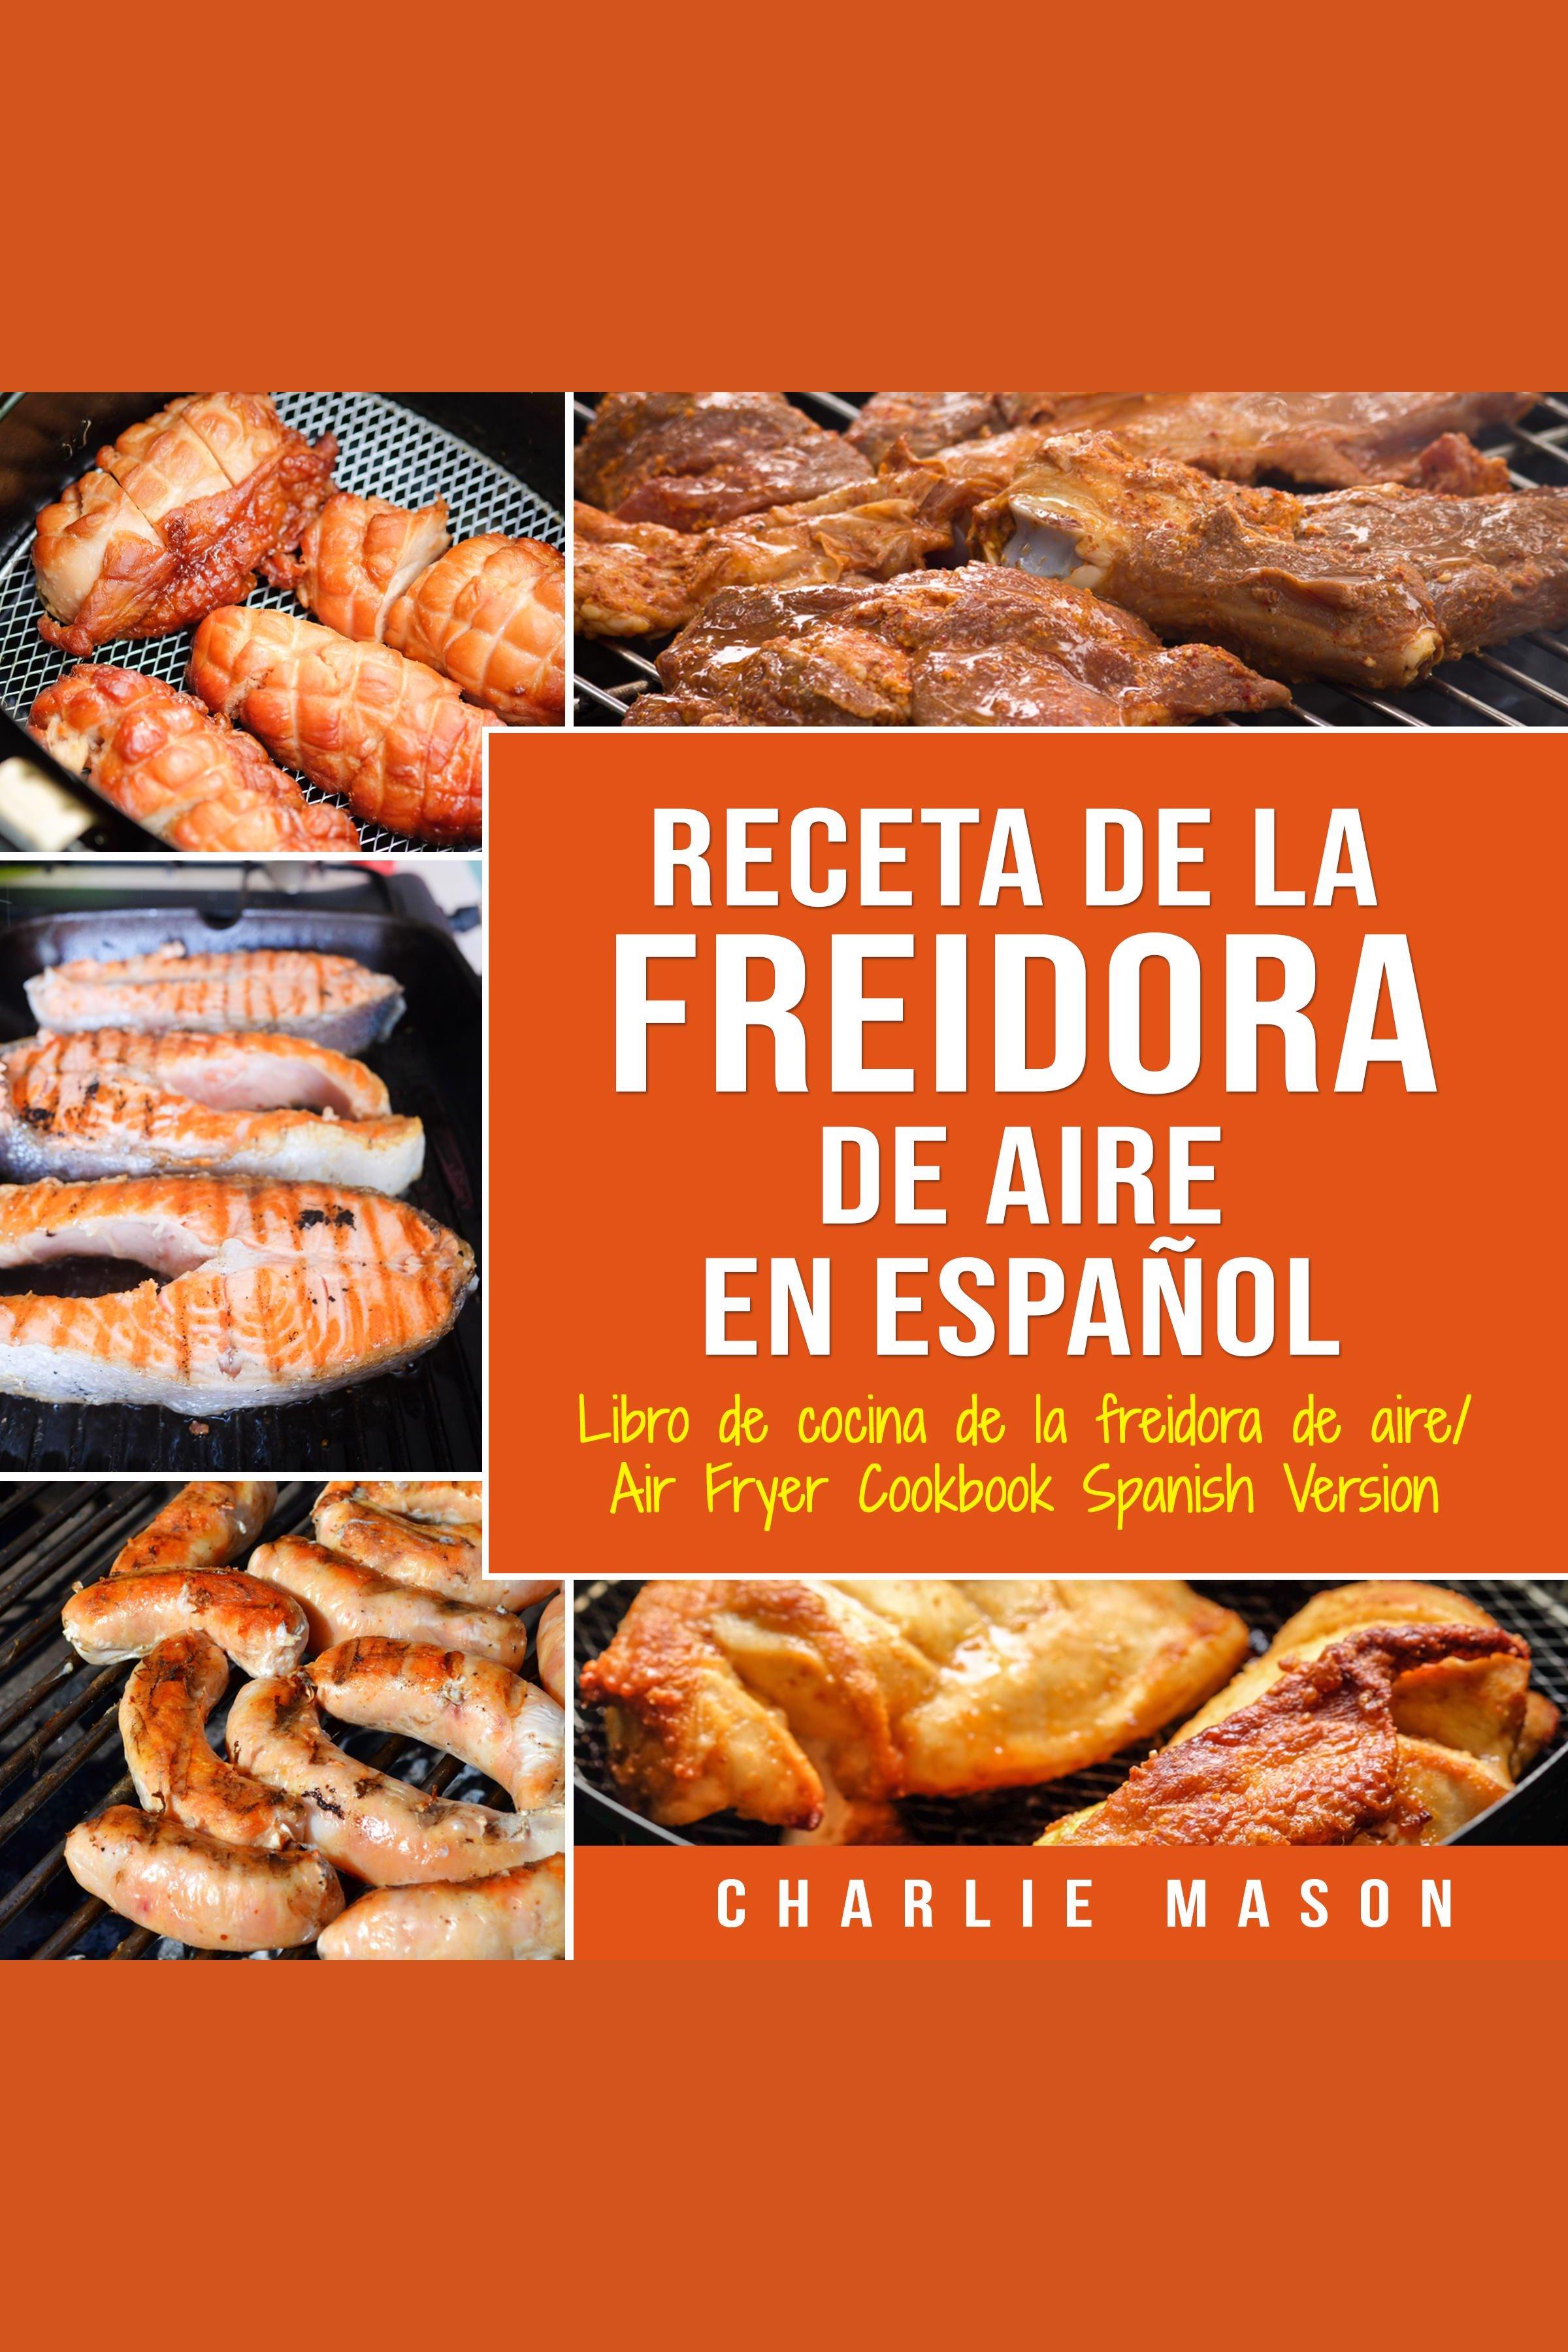 Esta es la portada del audiolibro Recetas de Cocina con Freidora de Aire En Español/ Air Fryer Cookbook Recipes In Spanish